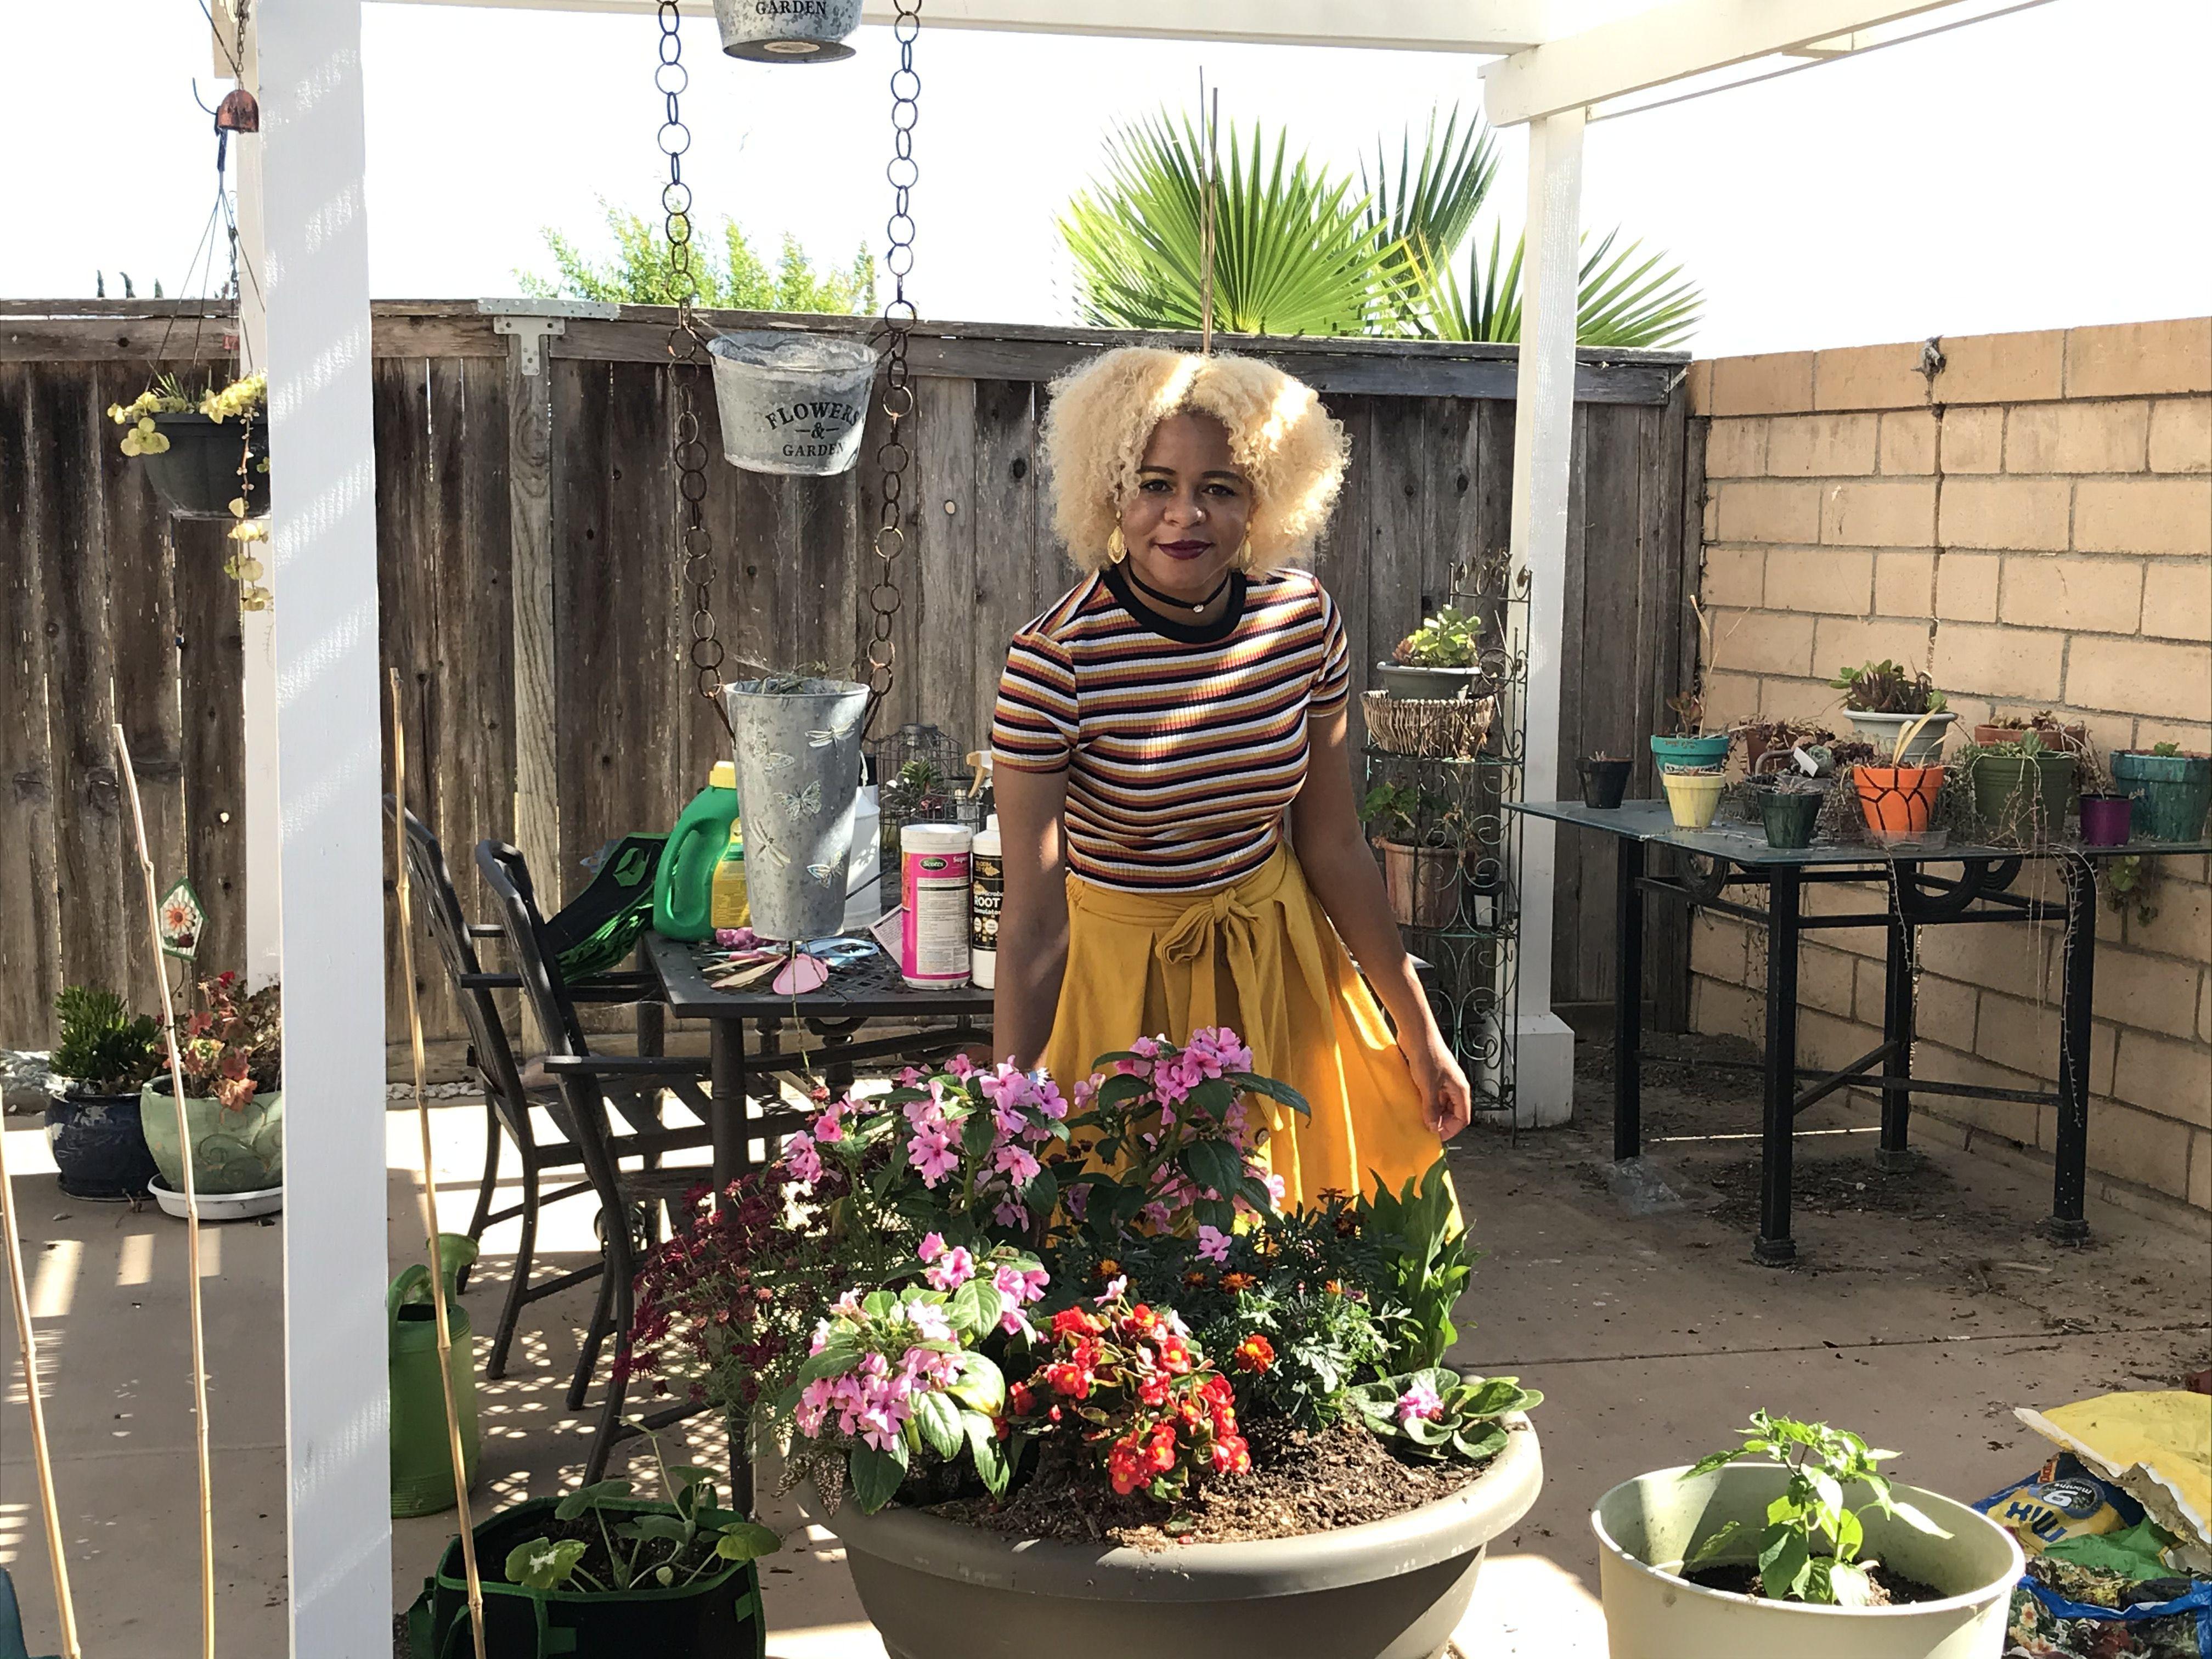 The Healing Magic of a Black Woman Gardening